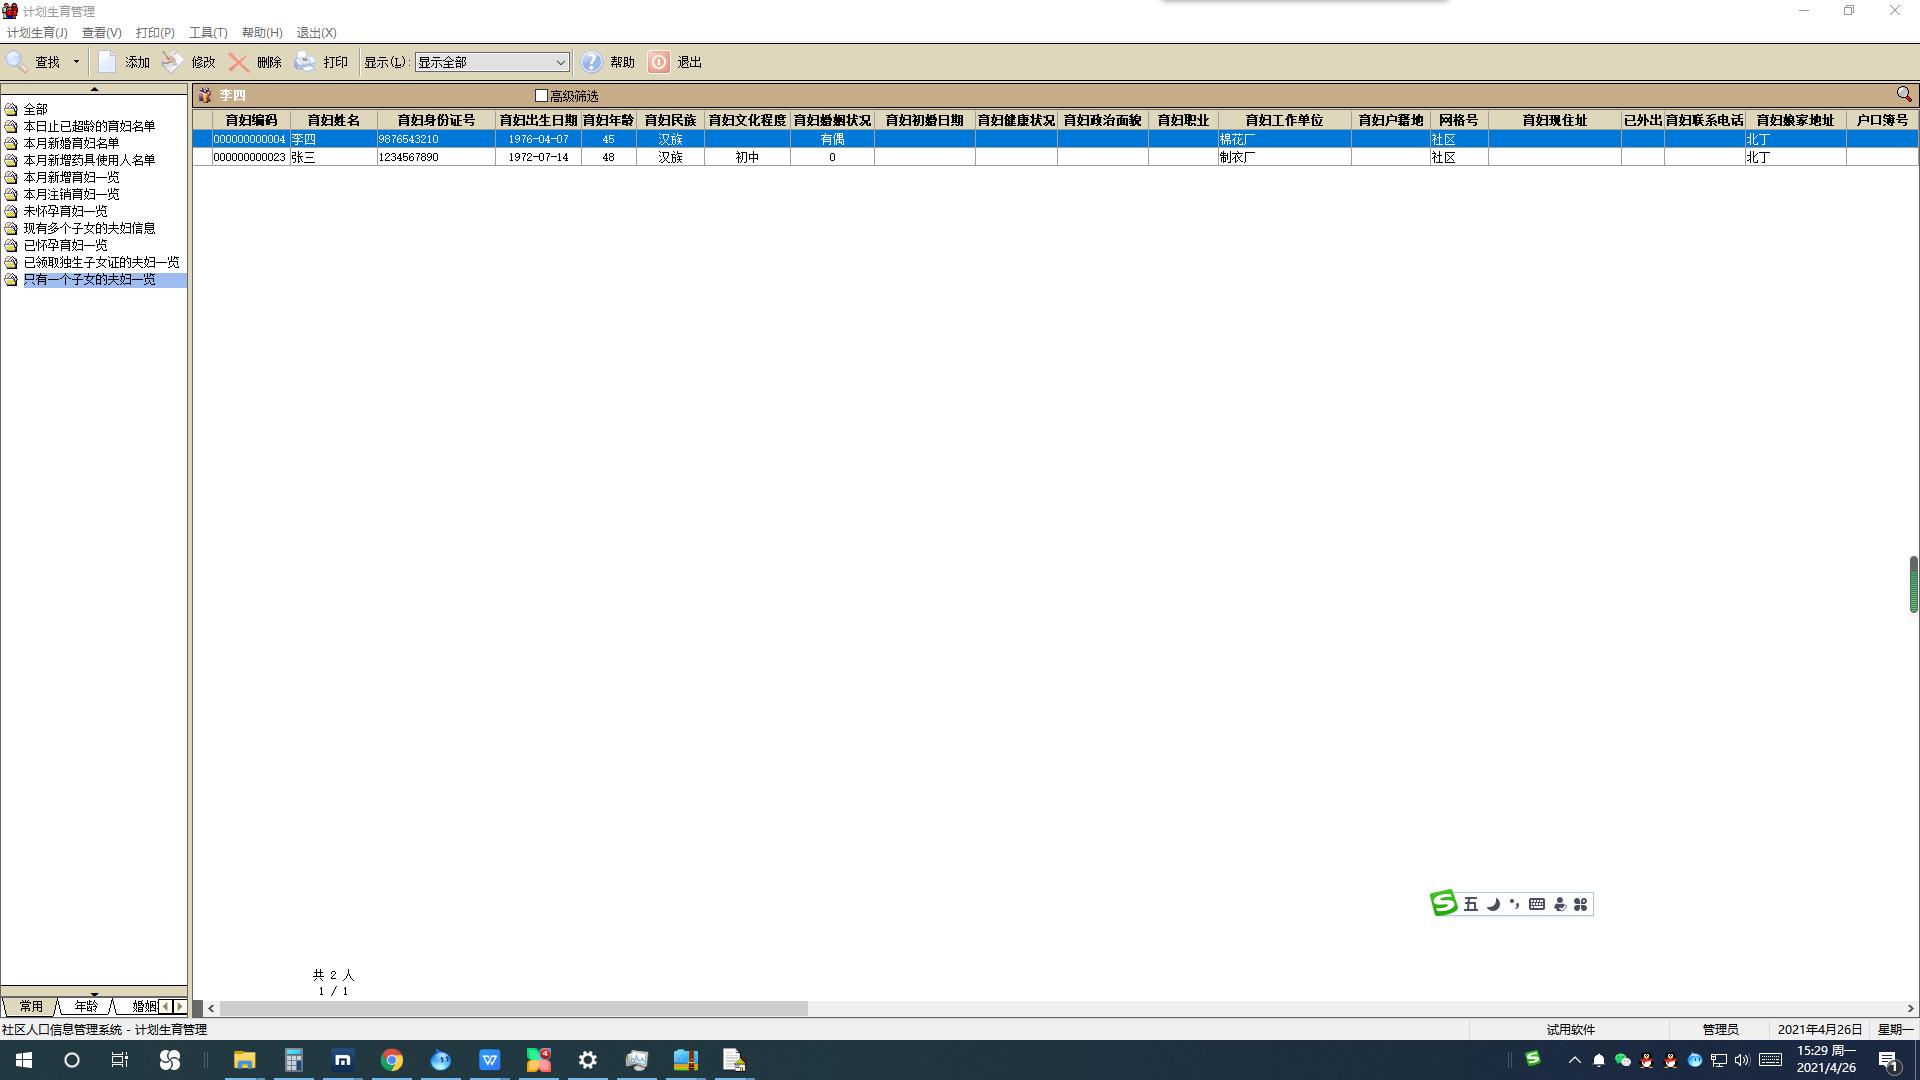 文达社区信息化管理系统云服务版截图3